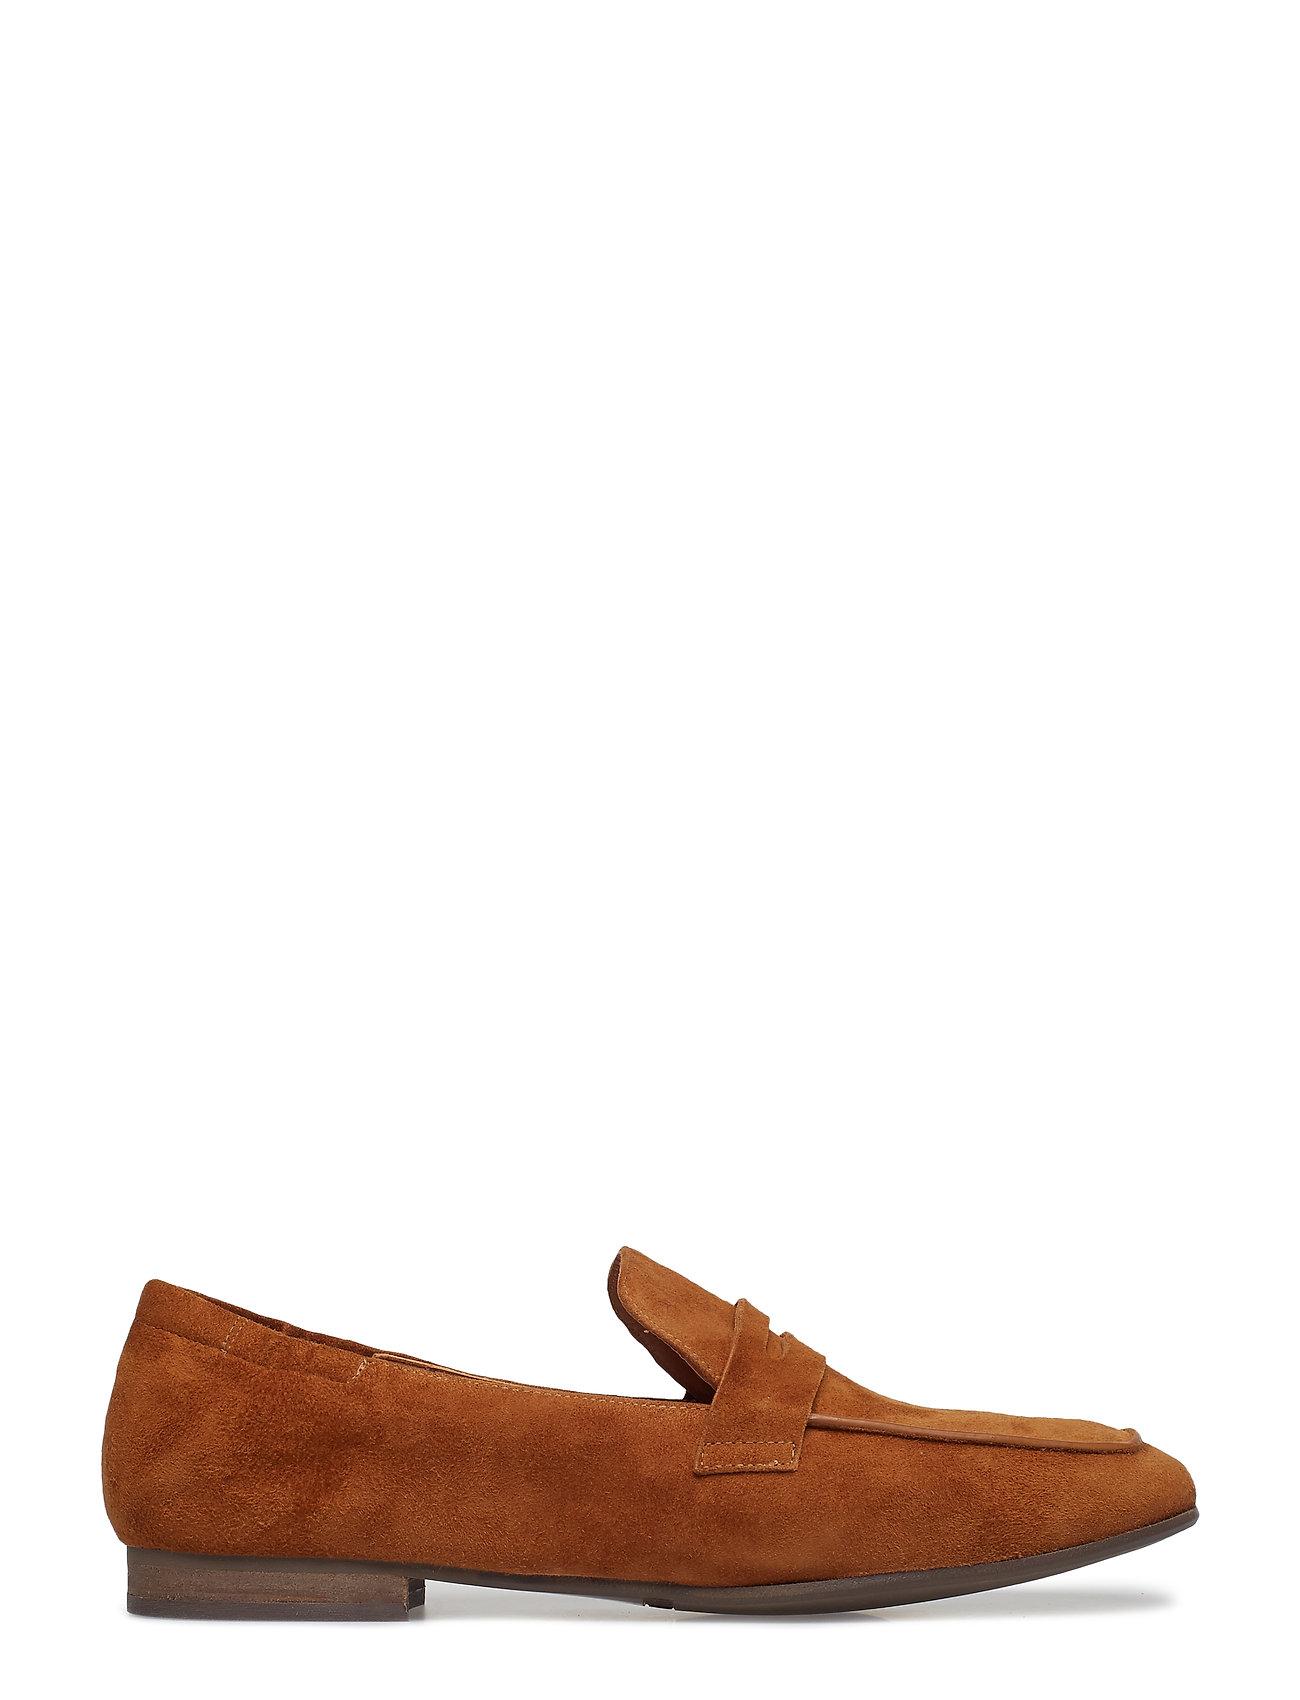 Shoes 8006 Loafers Flade Sko Brun Billi Bi